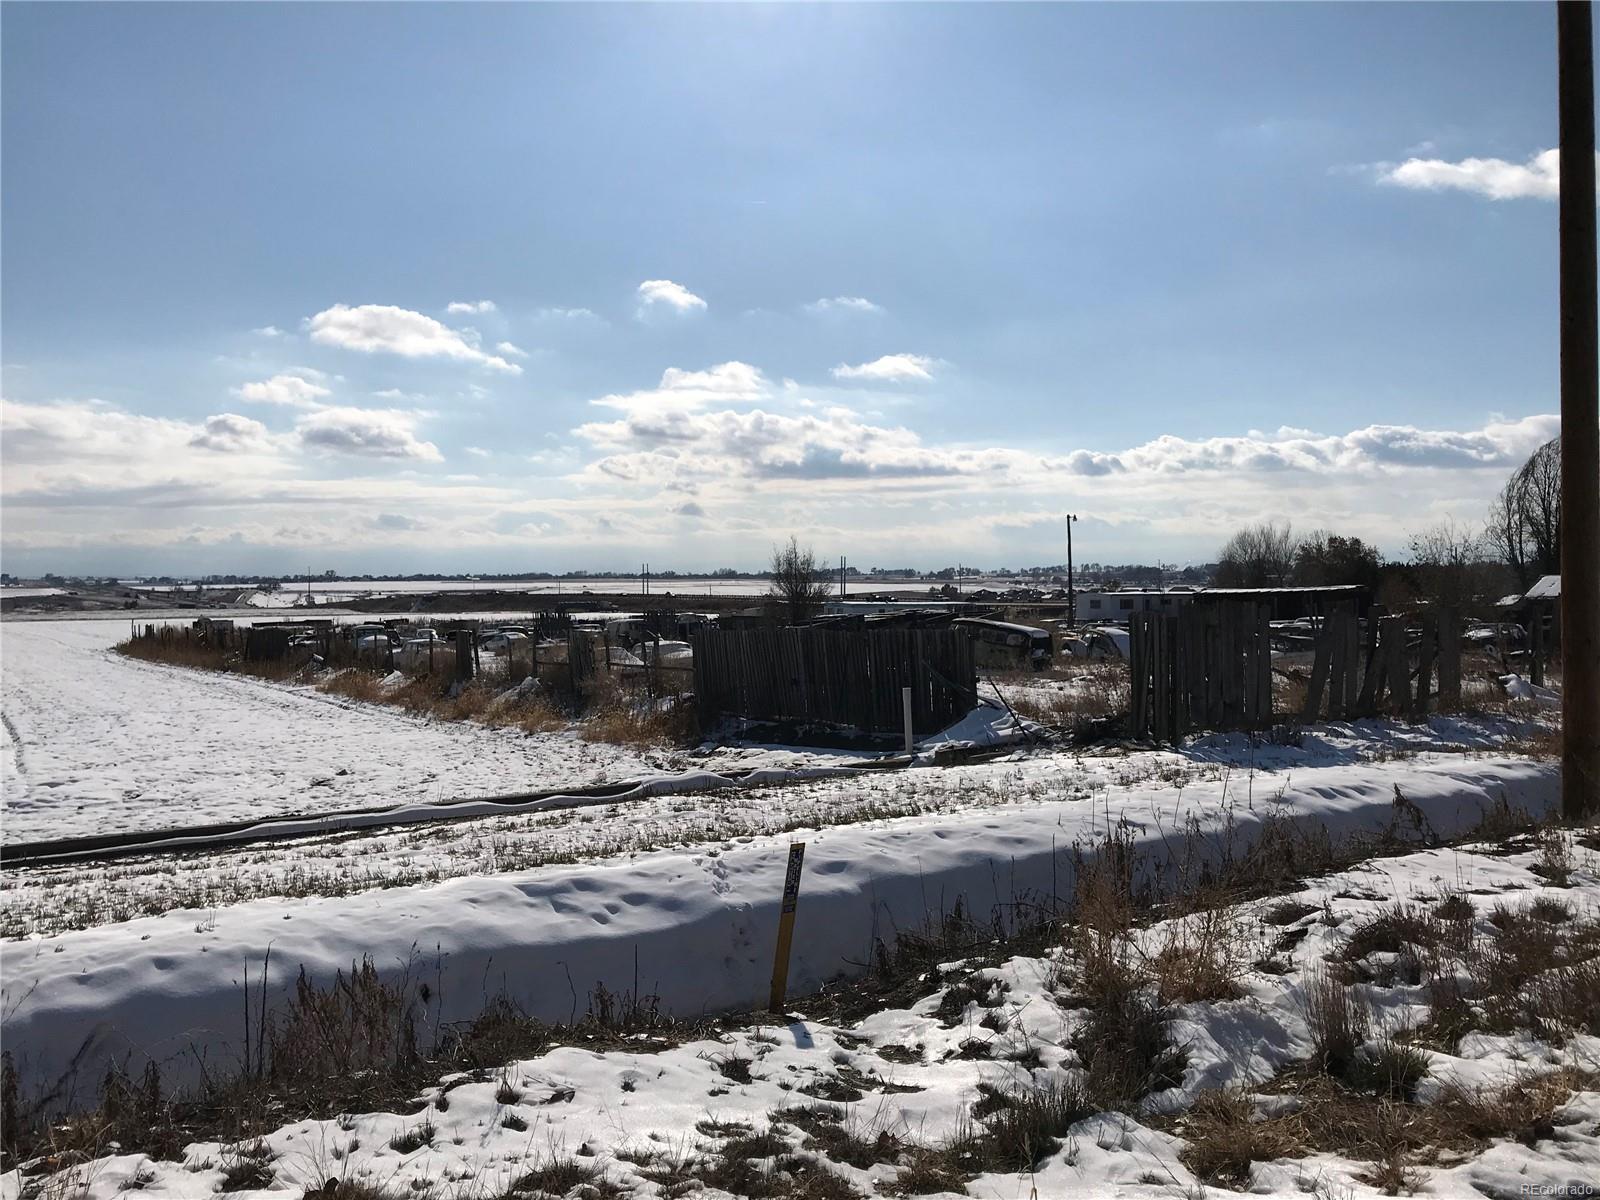 4060 County Road 36, Platteville, CO 80651 - Platteville, CO real estate listing